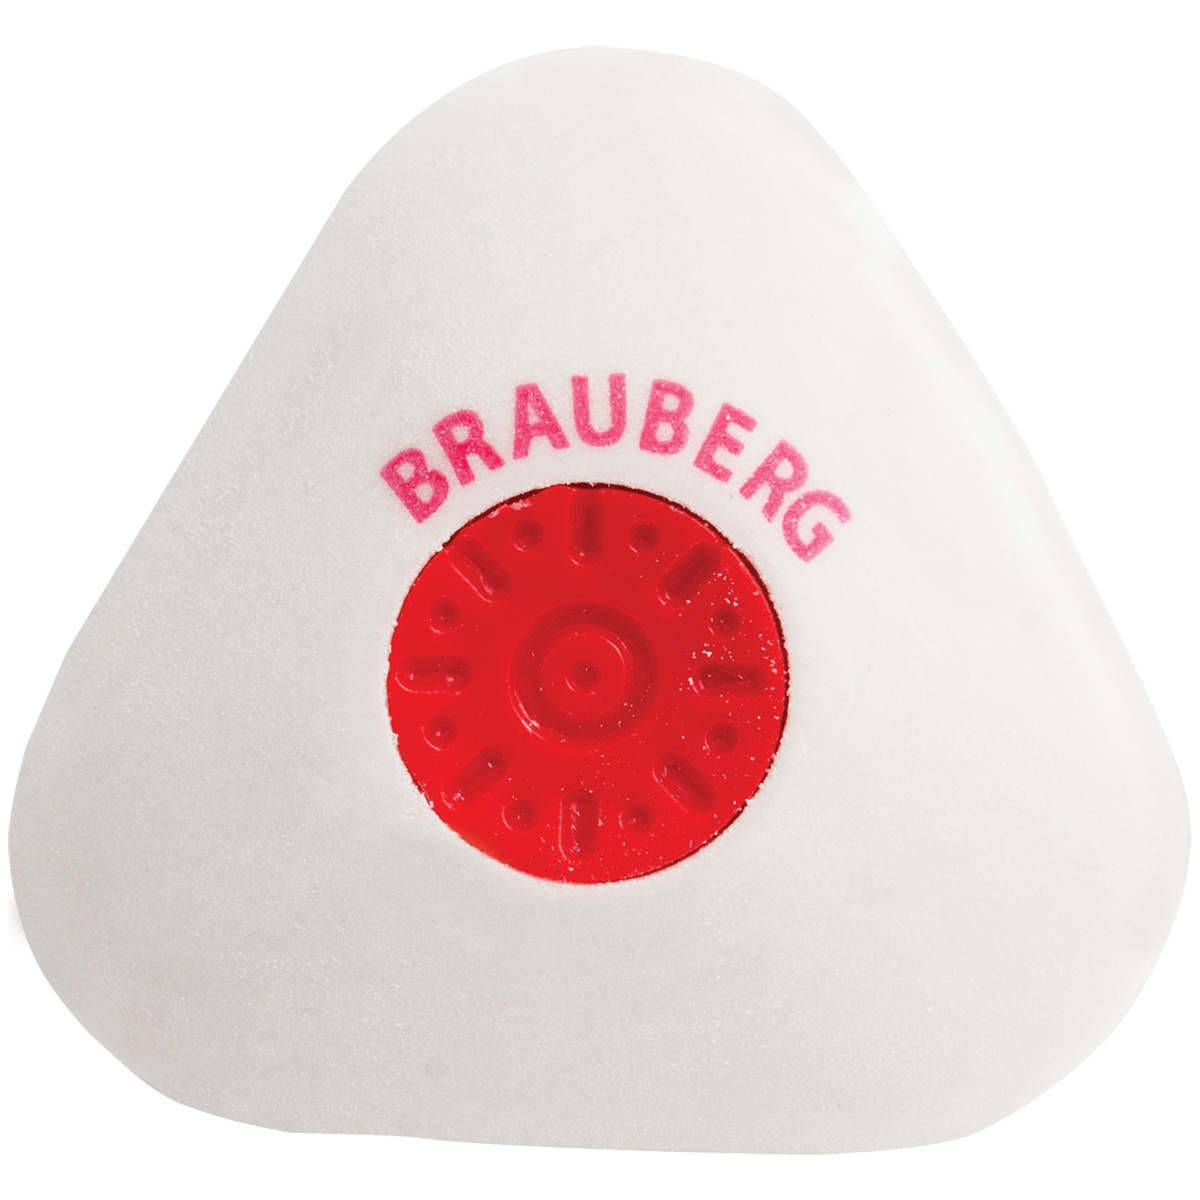 Brauberg Ластик Energy треугольный цвет белый222473Стирательная резинка Brauberg для удаления надписей, сделанных карандашом. Для удобства использования на корпусе ластика имеется пластиковая центровка. Обеспечивает лёгкое и чистое стирание без повреждения поверхности бумаги и без образования бумажной пыли.